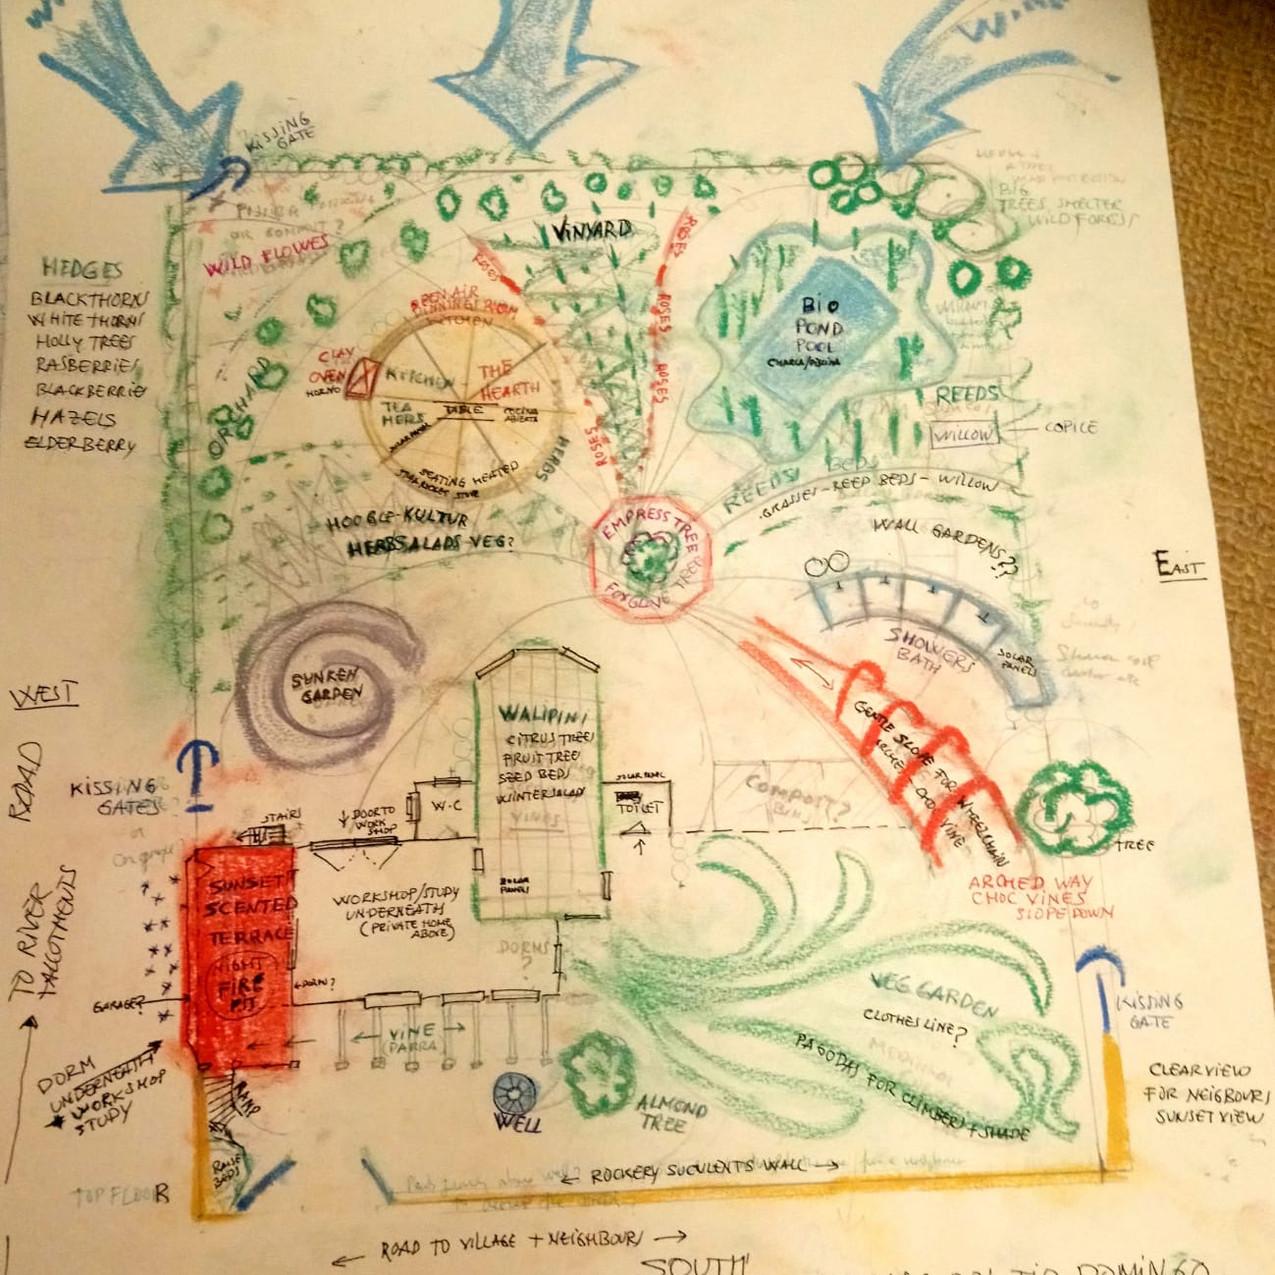 Maria's design